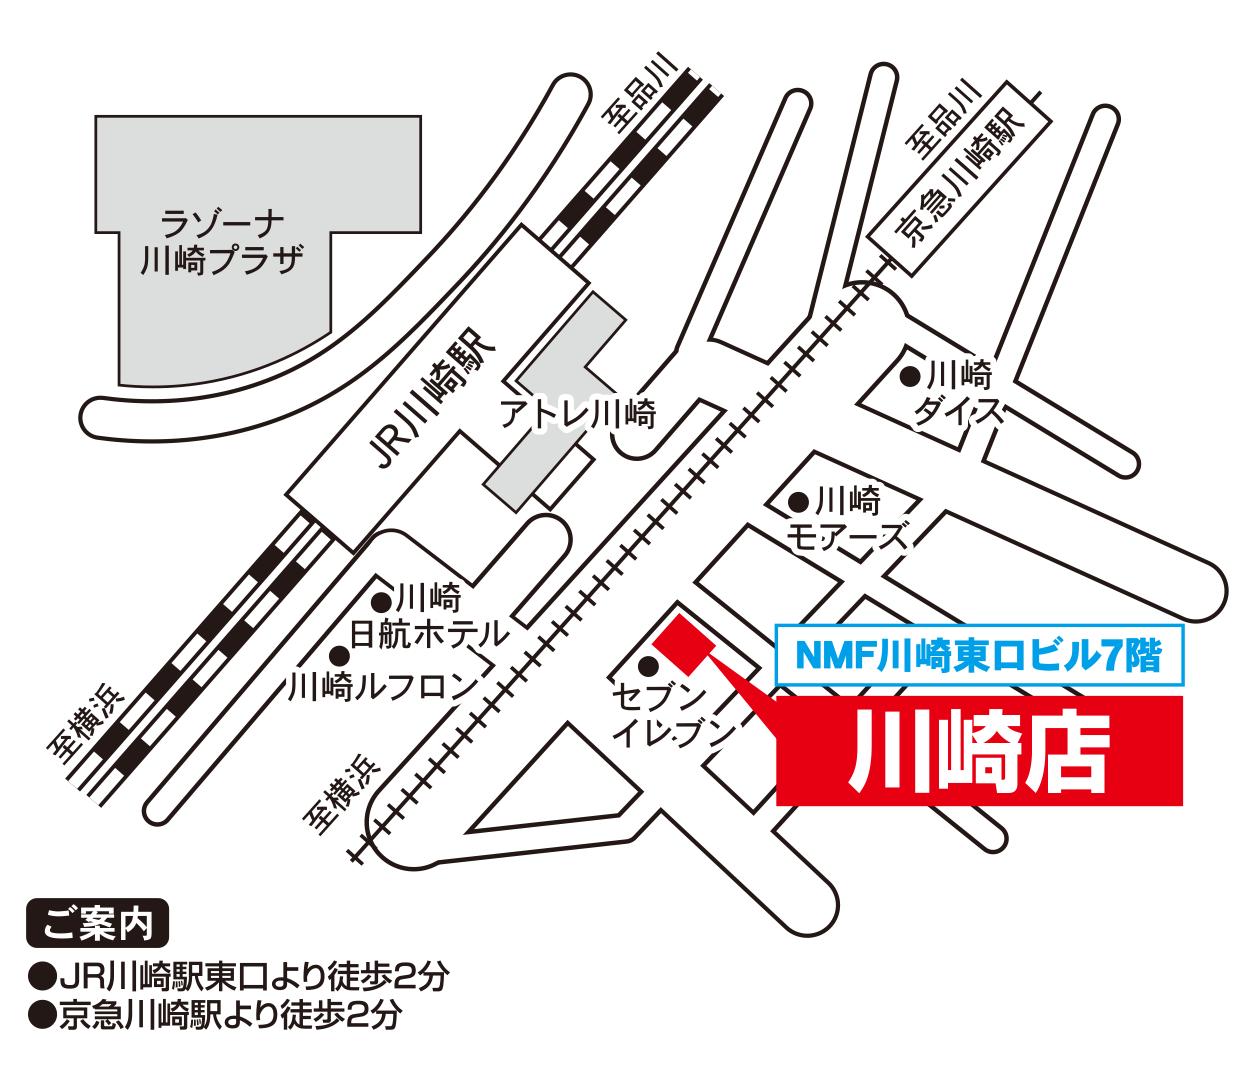 オンディーヌ川崎店 マップ